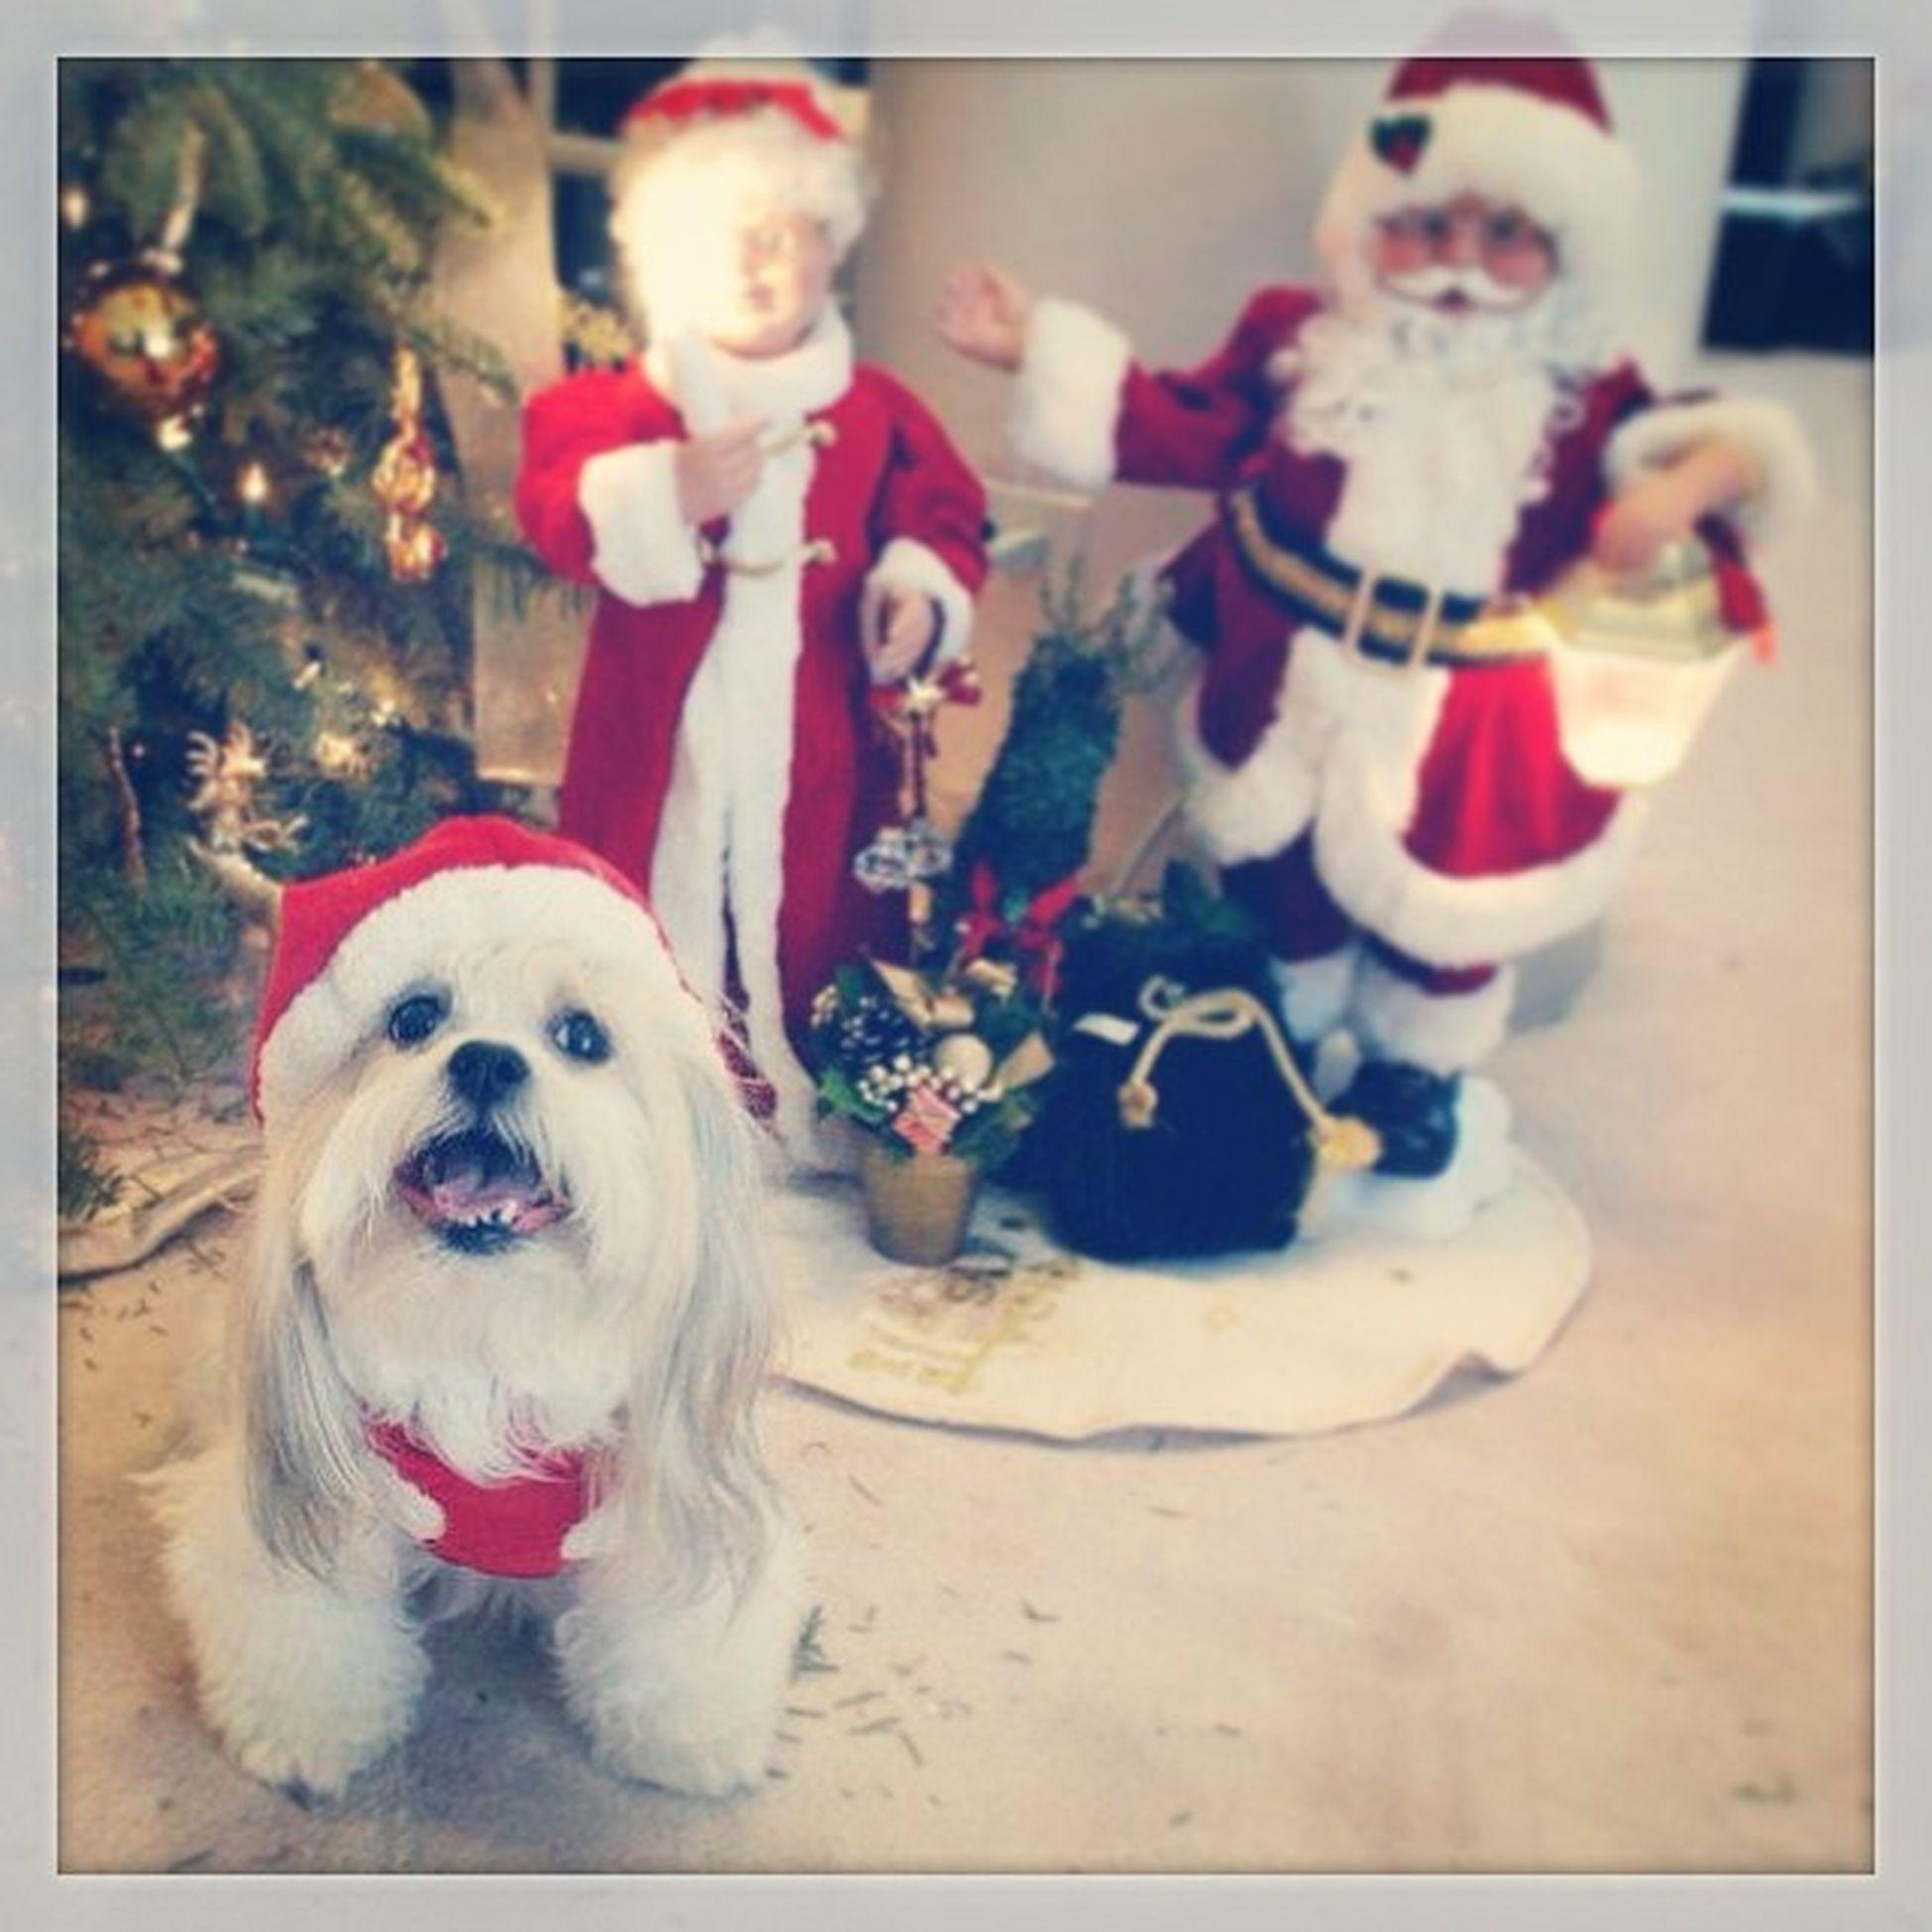 TBT  to last Christmas. I'll see you soon baby ??? Ninemoredays Babydog Candy christmas almosthome